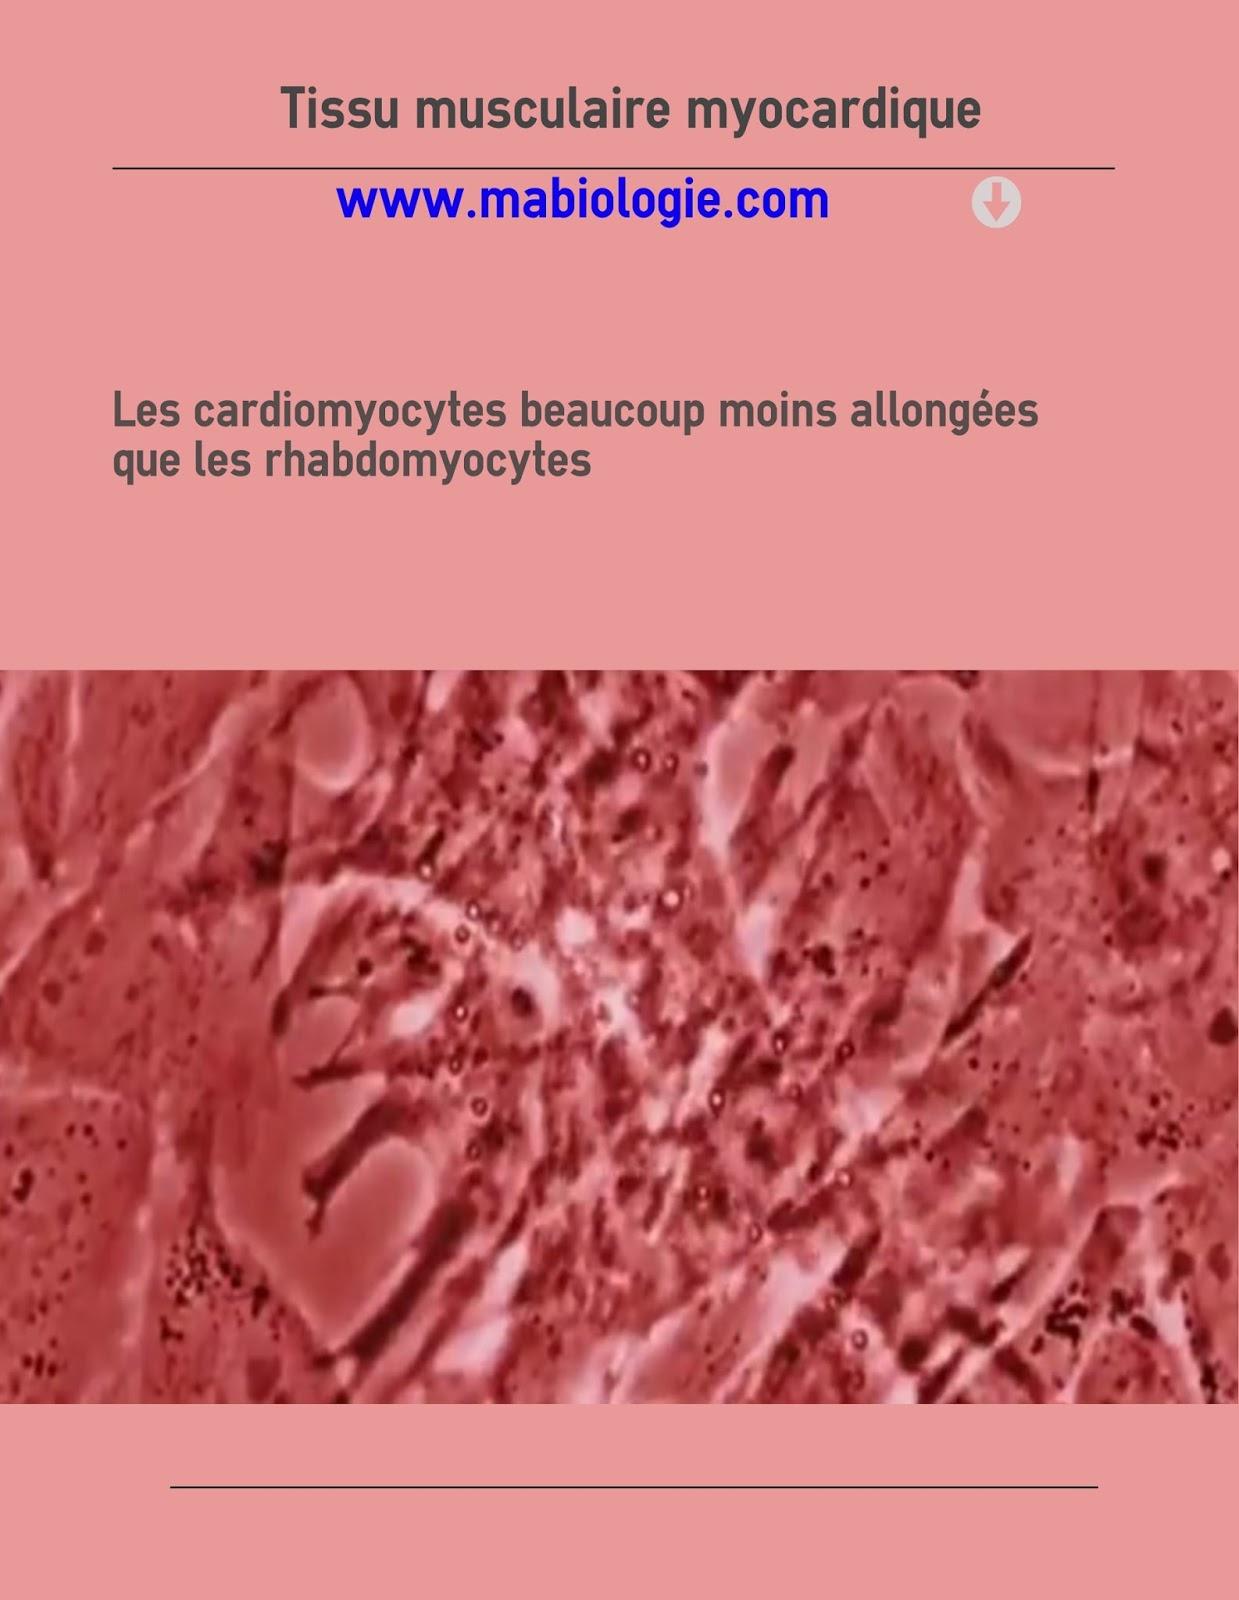 Définition Tissu musculaire myocardique